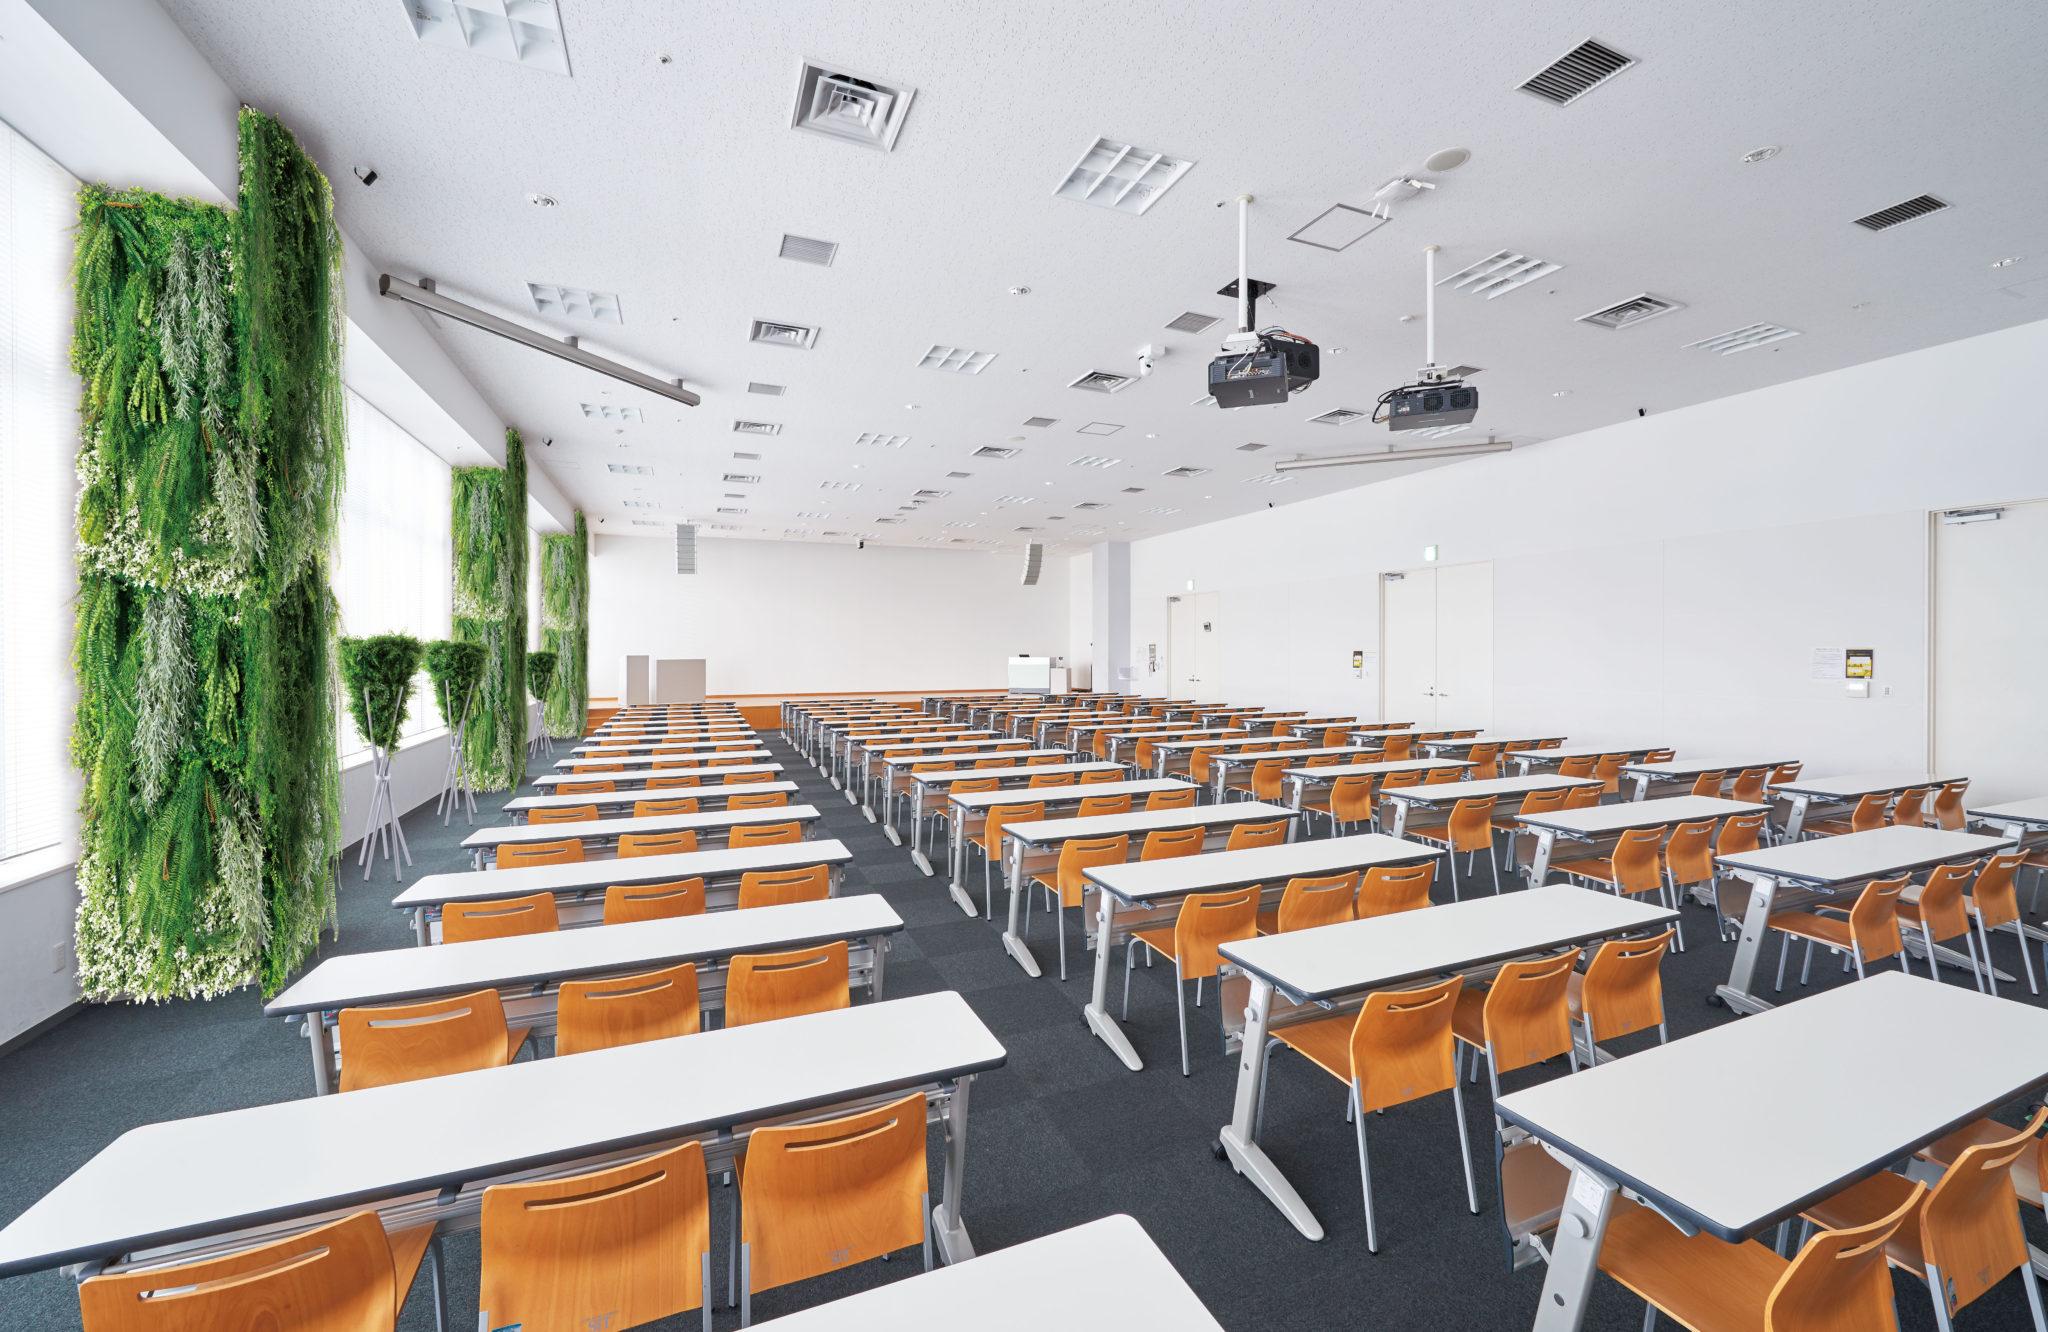 学校 - 講義室_after